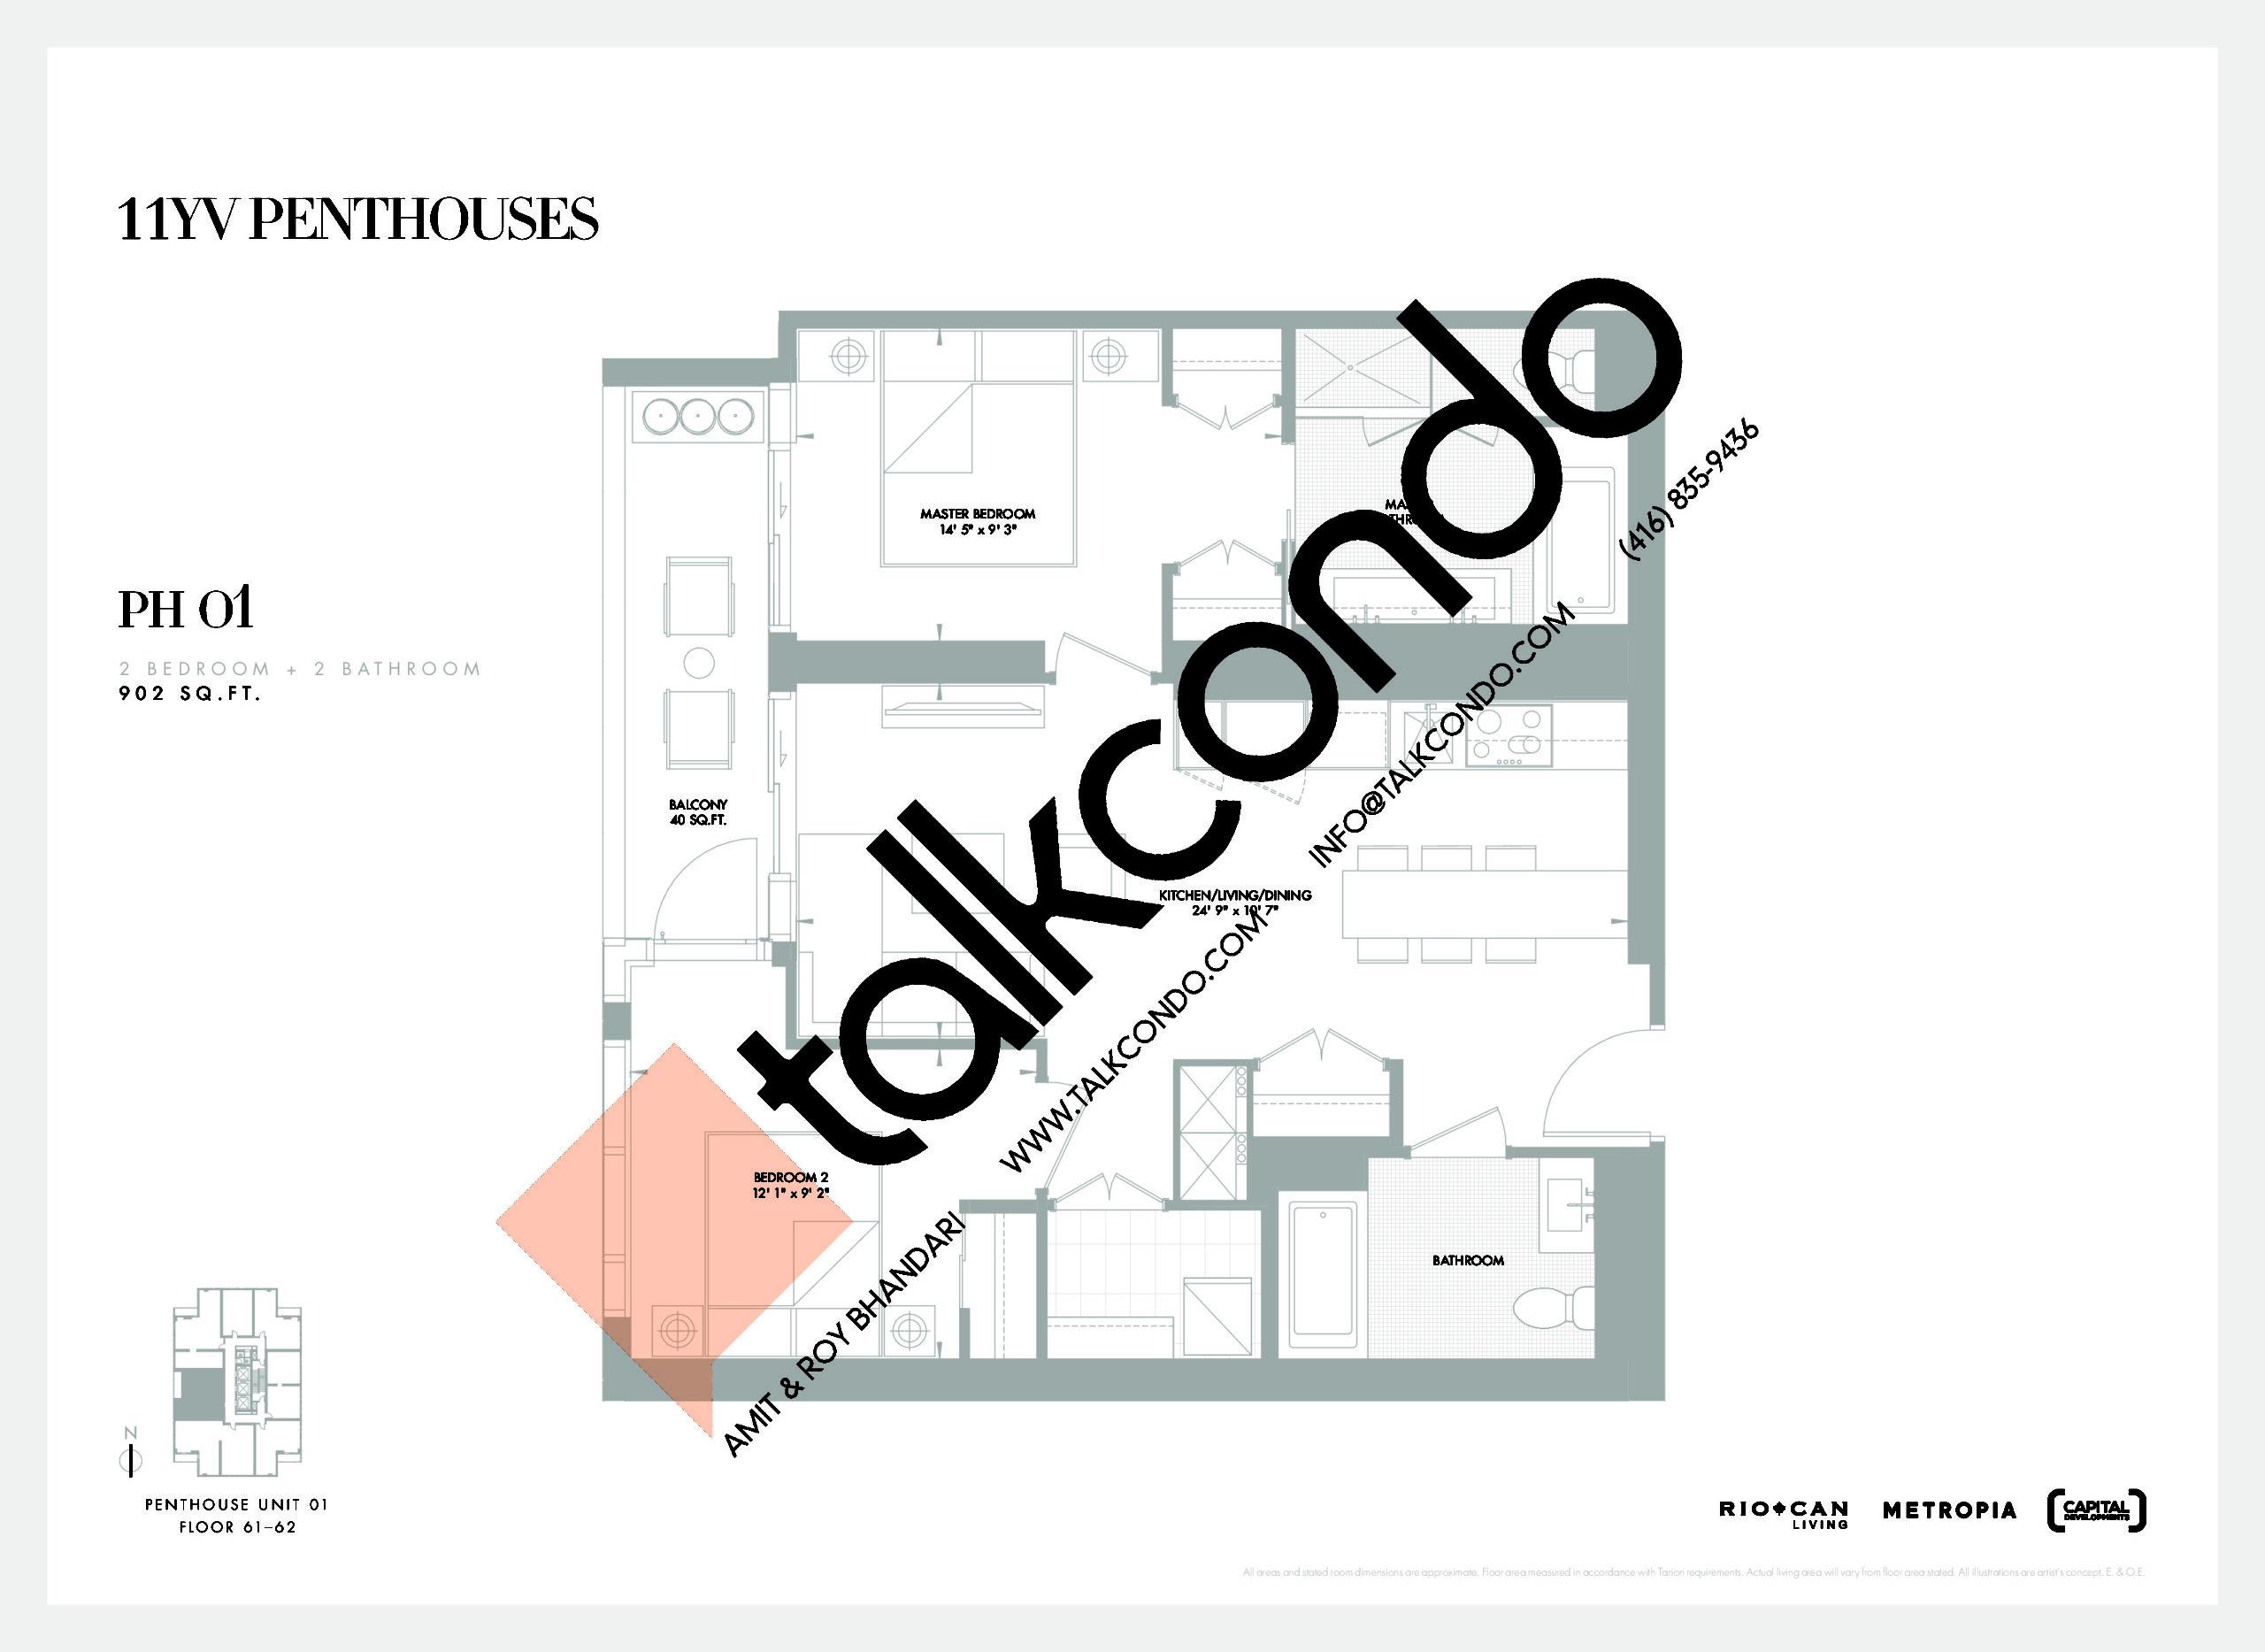 PH 01 Floor Plan at 11YV Condos - 902 sq.ft